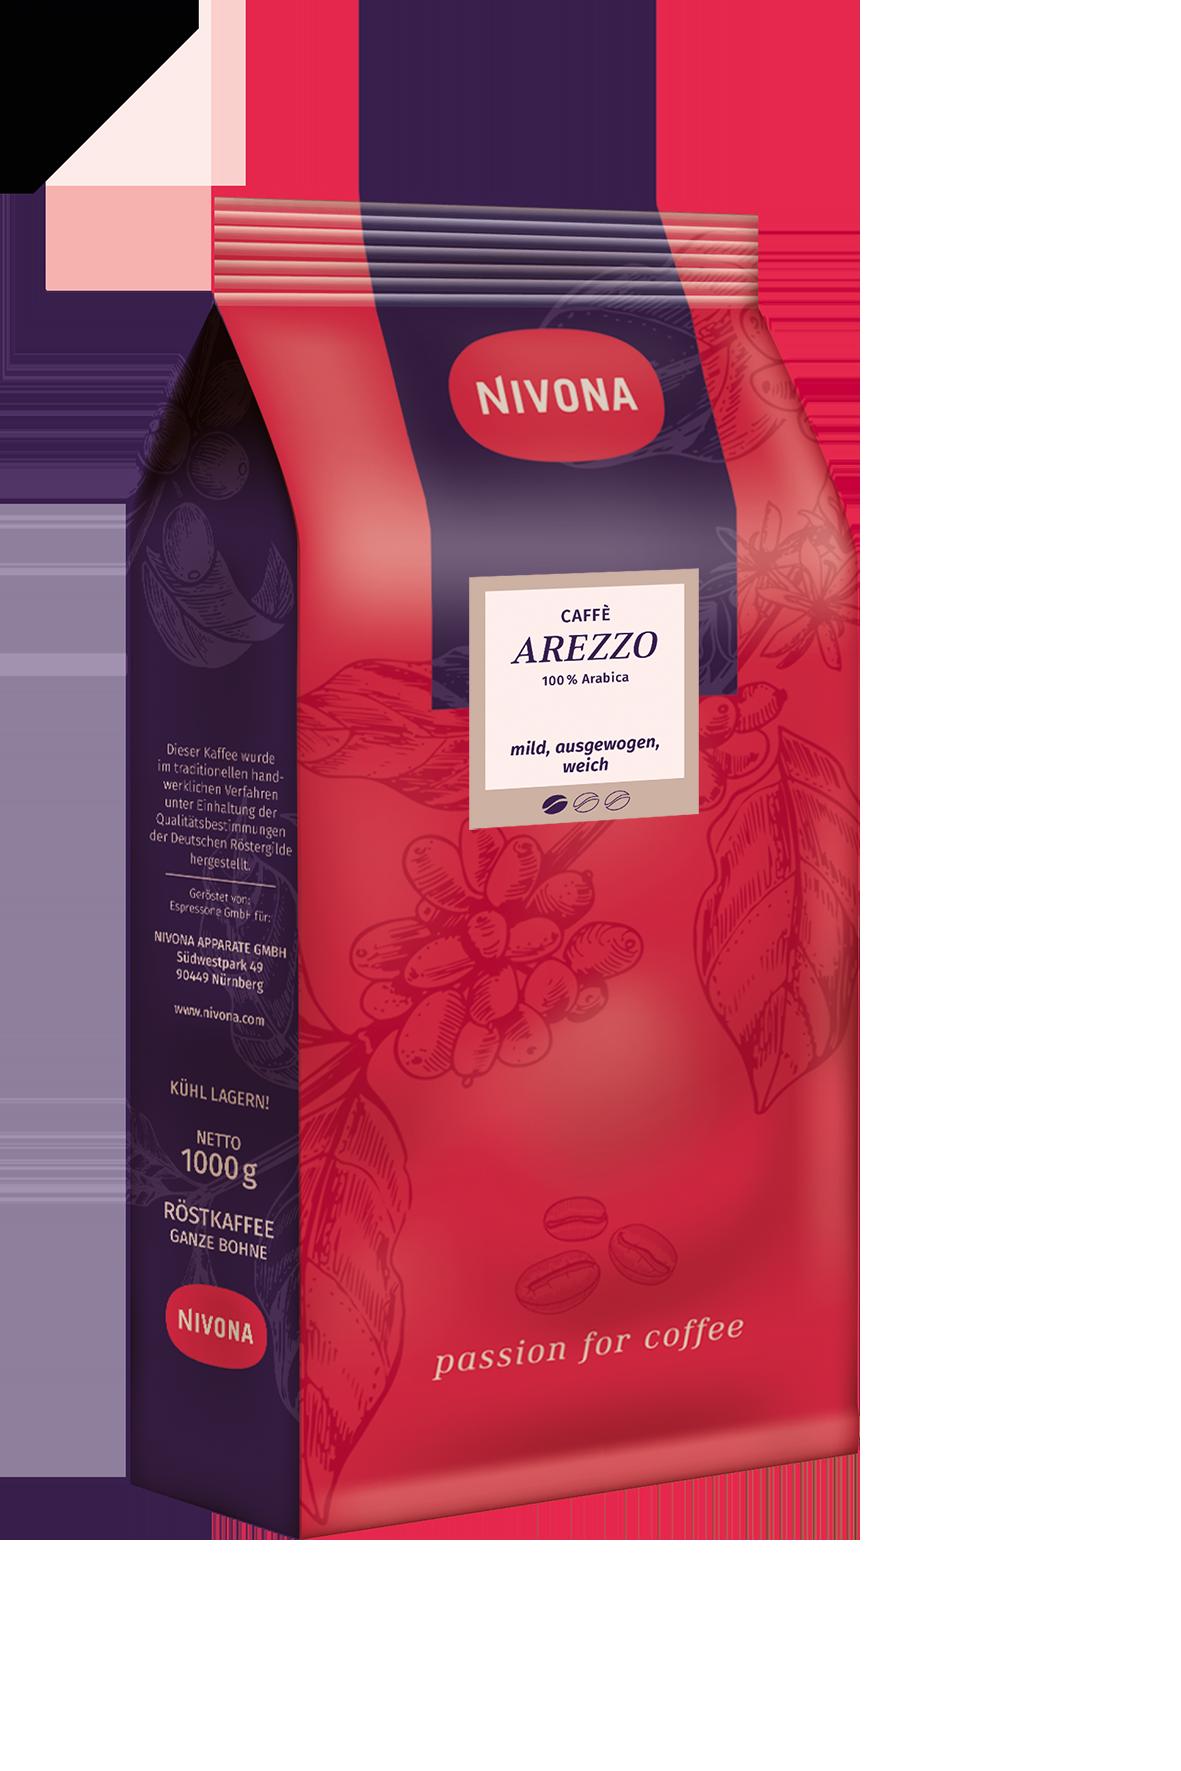 CAFFÈ AREZZO (100% Arabica des hauts plateaux)